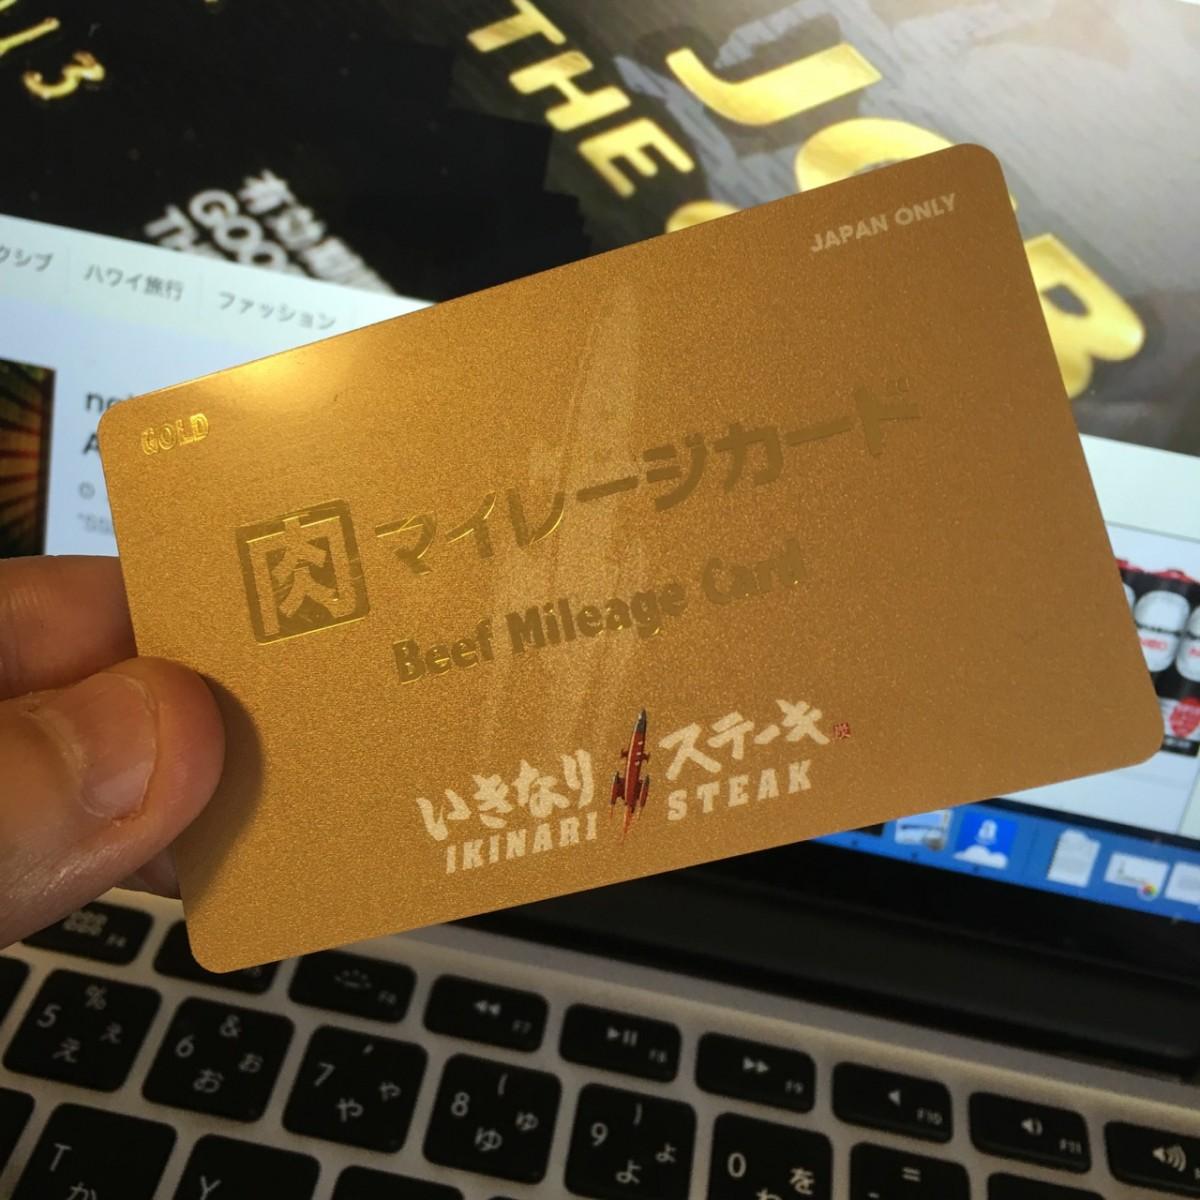 「いきなりステーキ」のゴールドカードを効率的に昇格してゲットする方法!